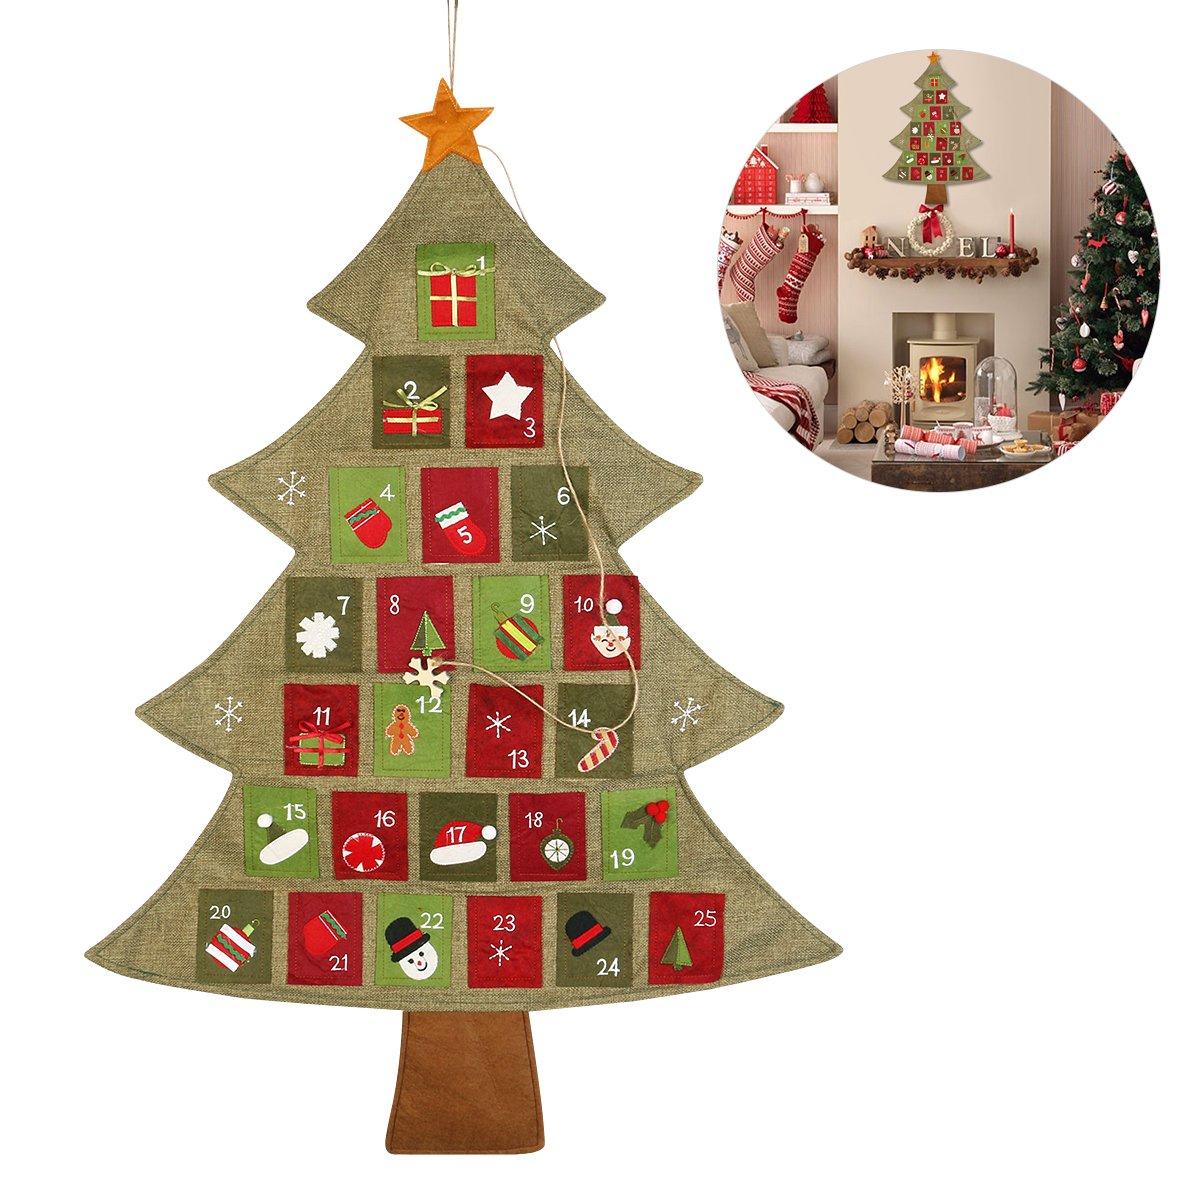 Calendario Conto Alla Rovescia.Nicexmas Natalizio Avvento Calendario Conto Alla Rovescia Per Natale Face Shop